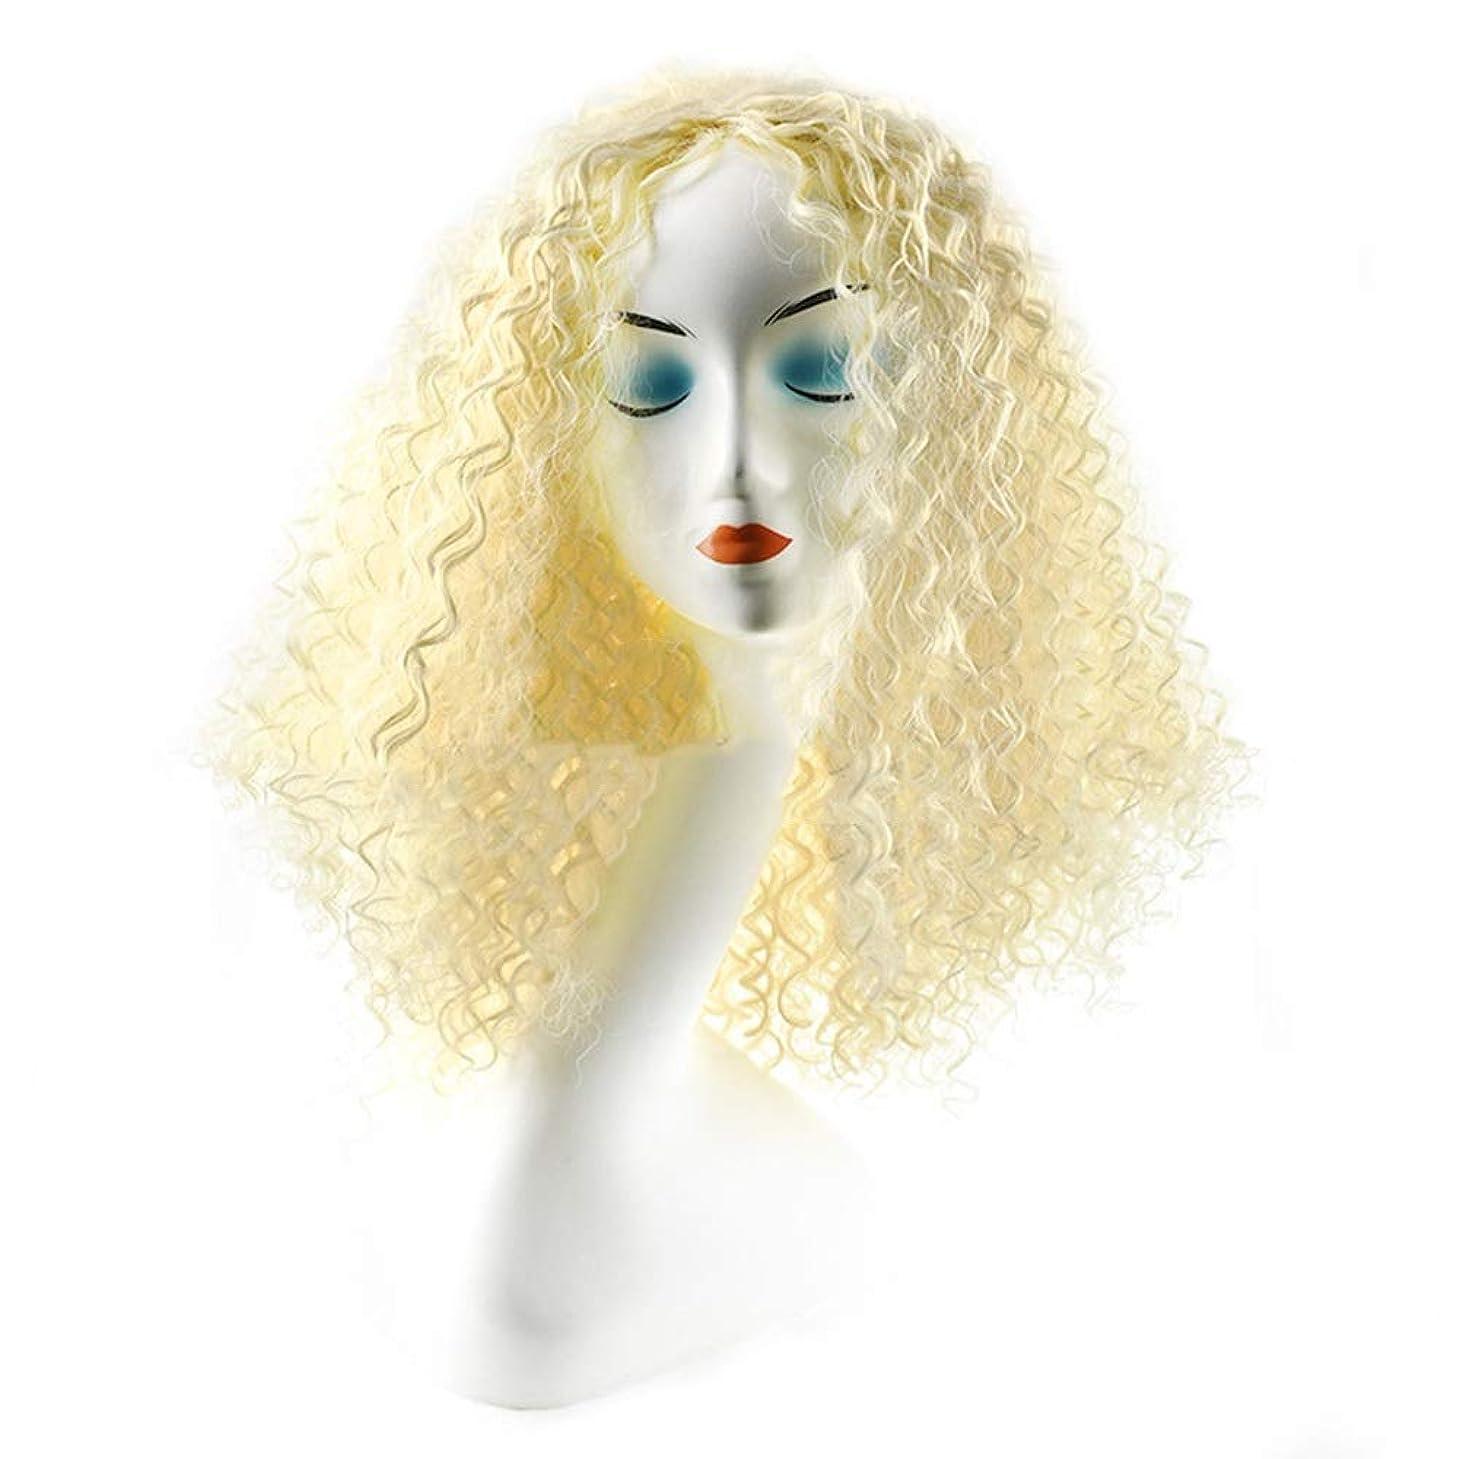 スラム街ファウル短くするかつら ファッションレディーブロンドショートカーリーヘアーアフリカ小音量爆発ヘッドかつら女性のための毎日のコスプレドレスパーティーかつら (色 : Blonde)